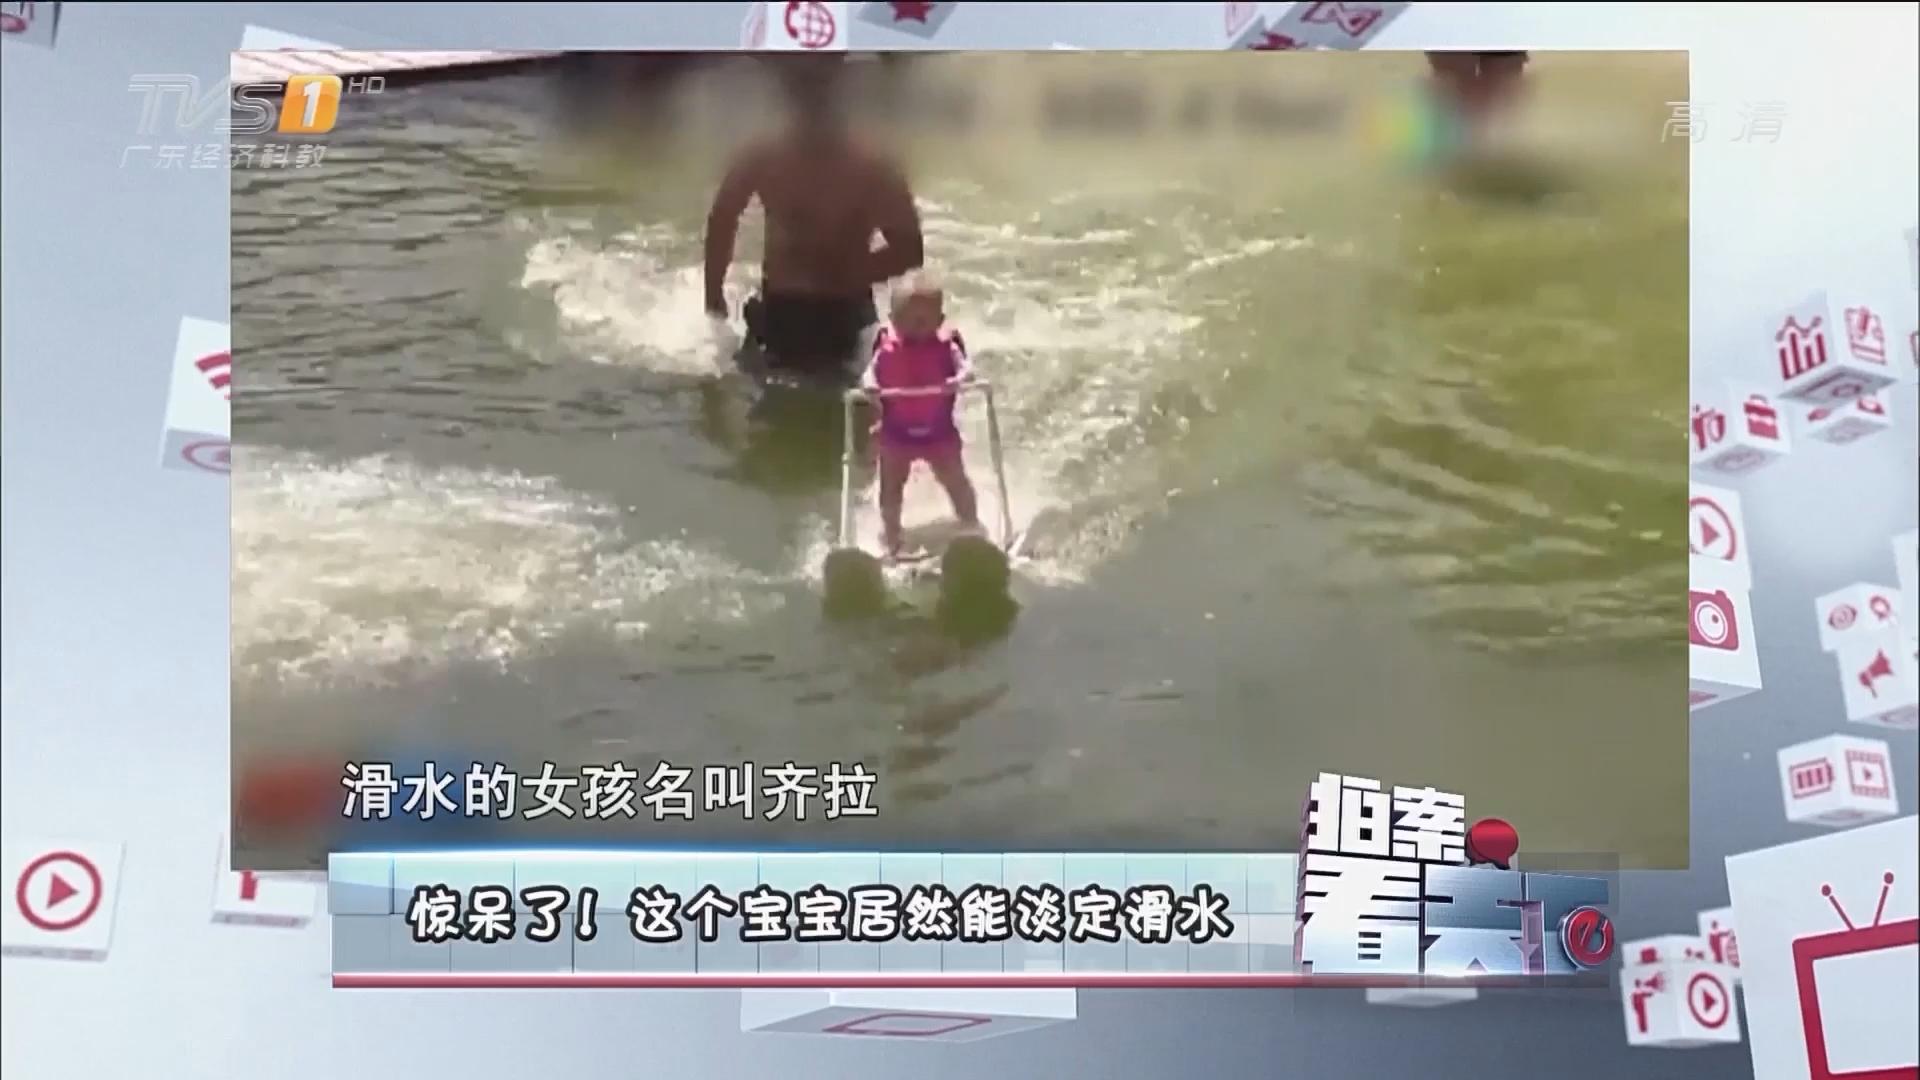 惊呆了!这个宝宝居然能淡定滑水